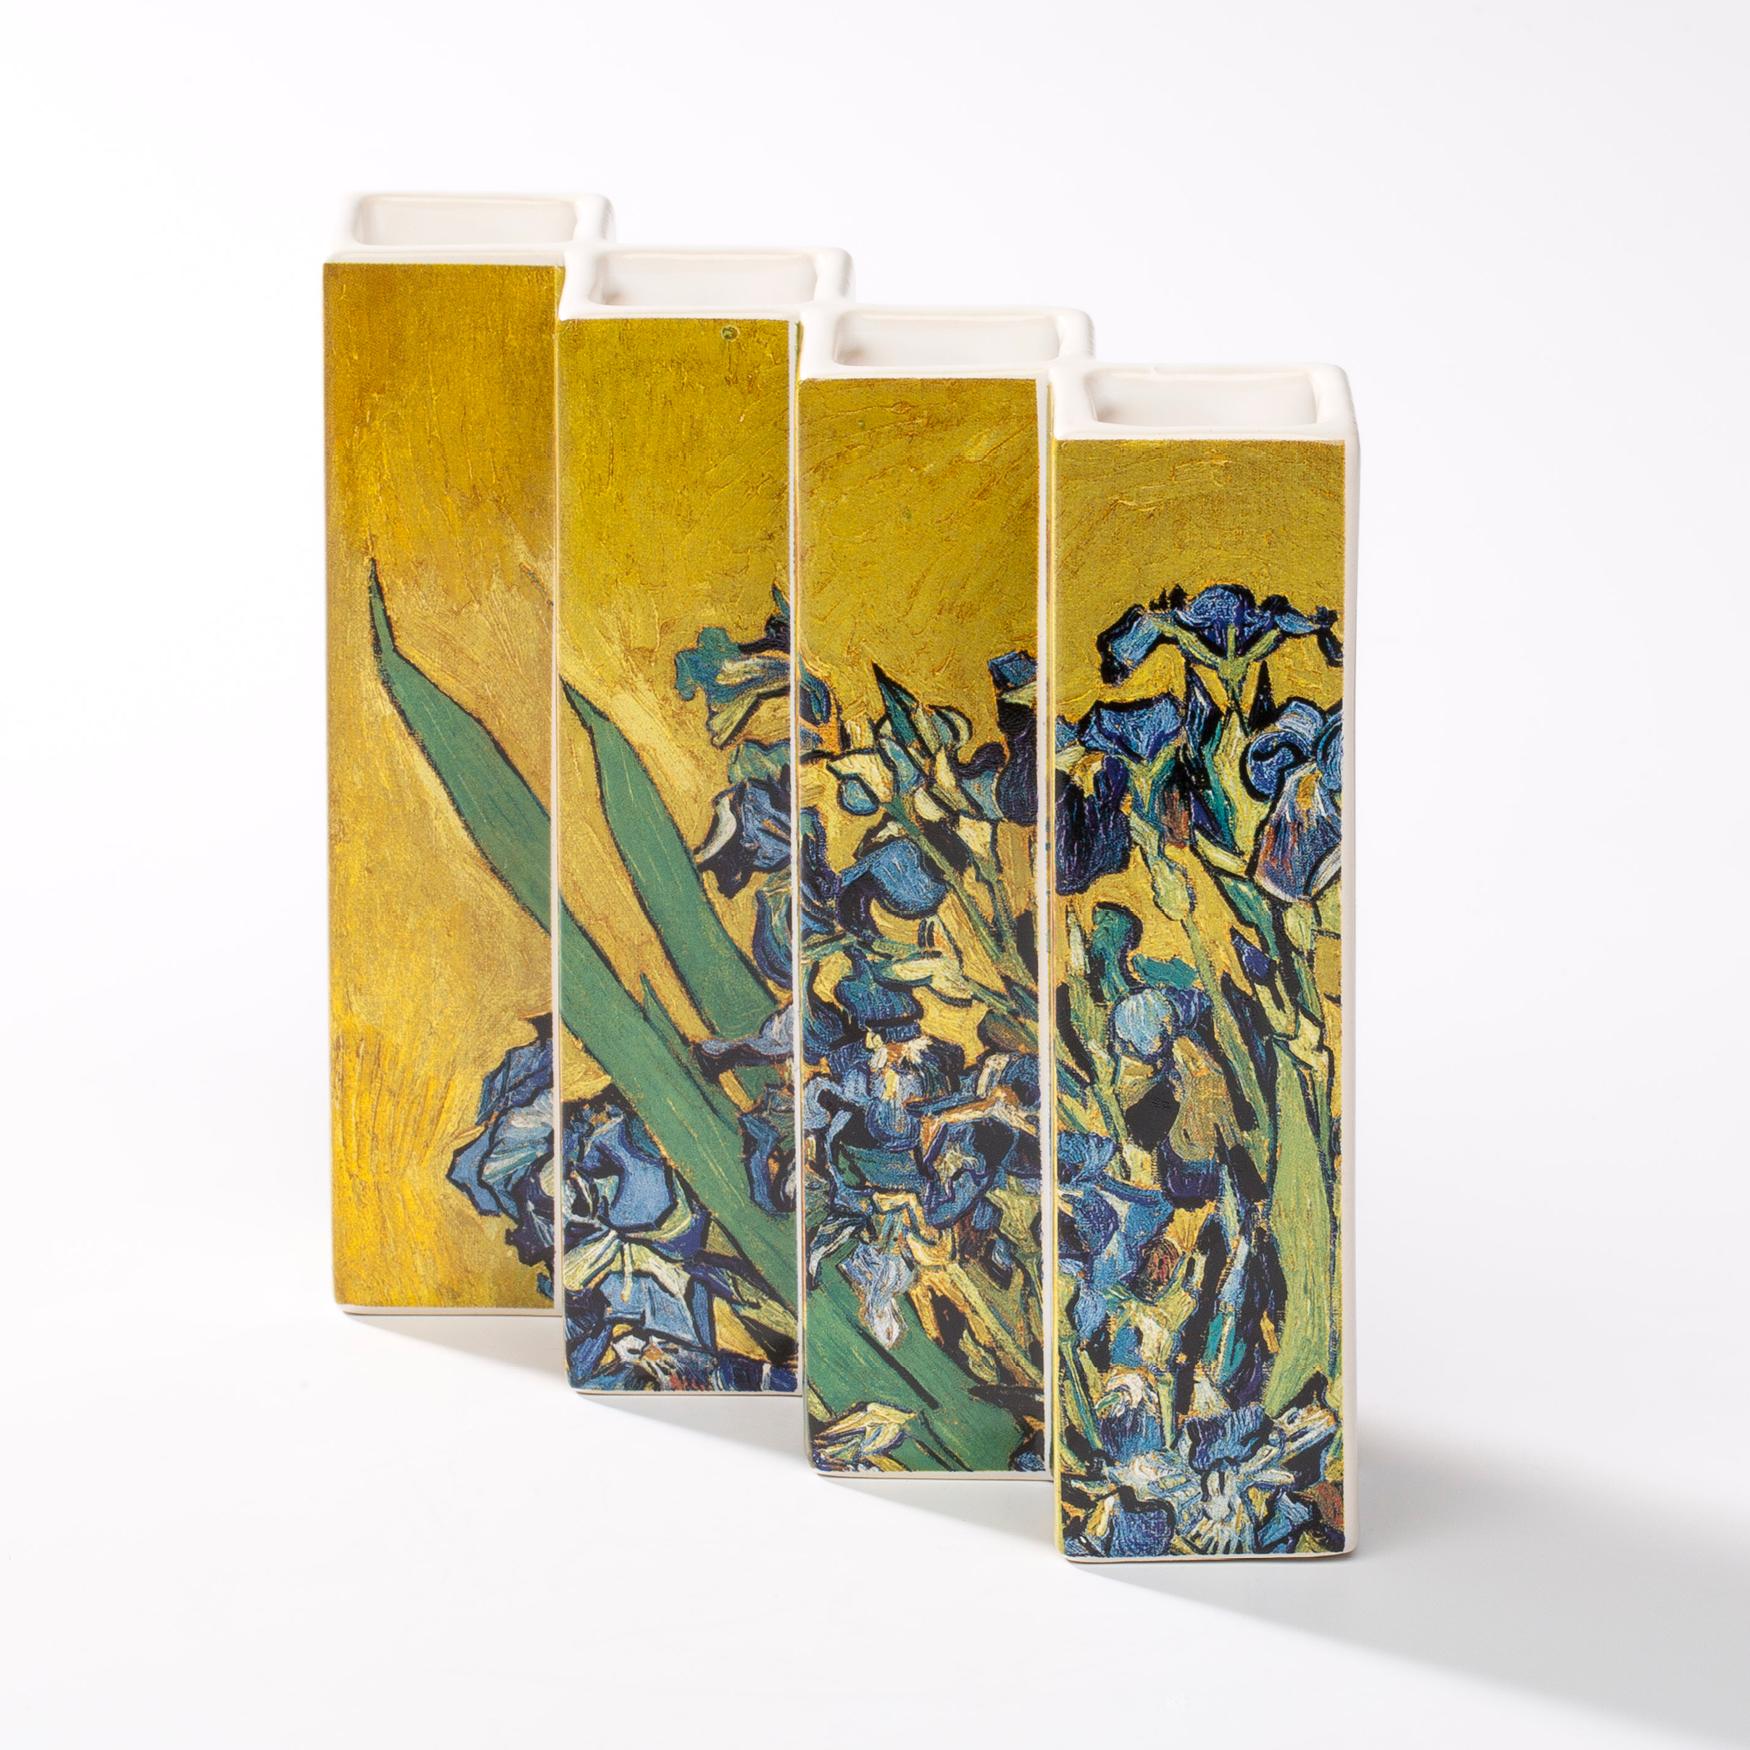 Dianthus-Flowers-Gallery-Vases-1902-10.jpg